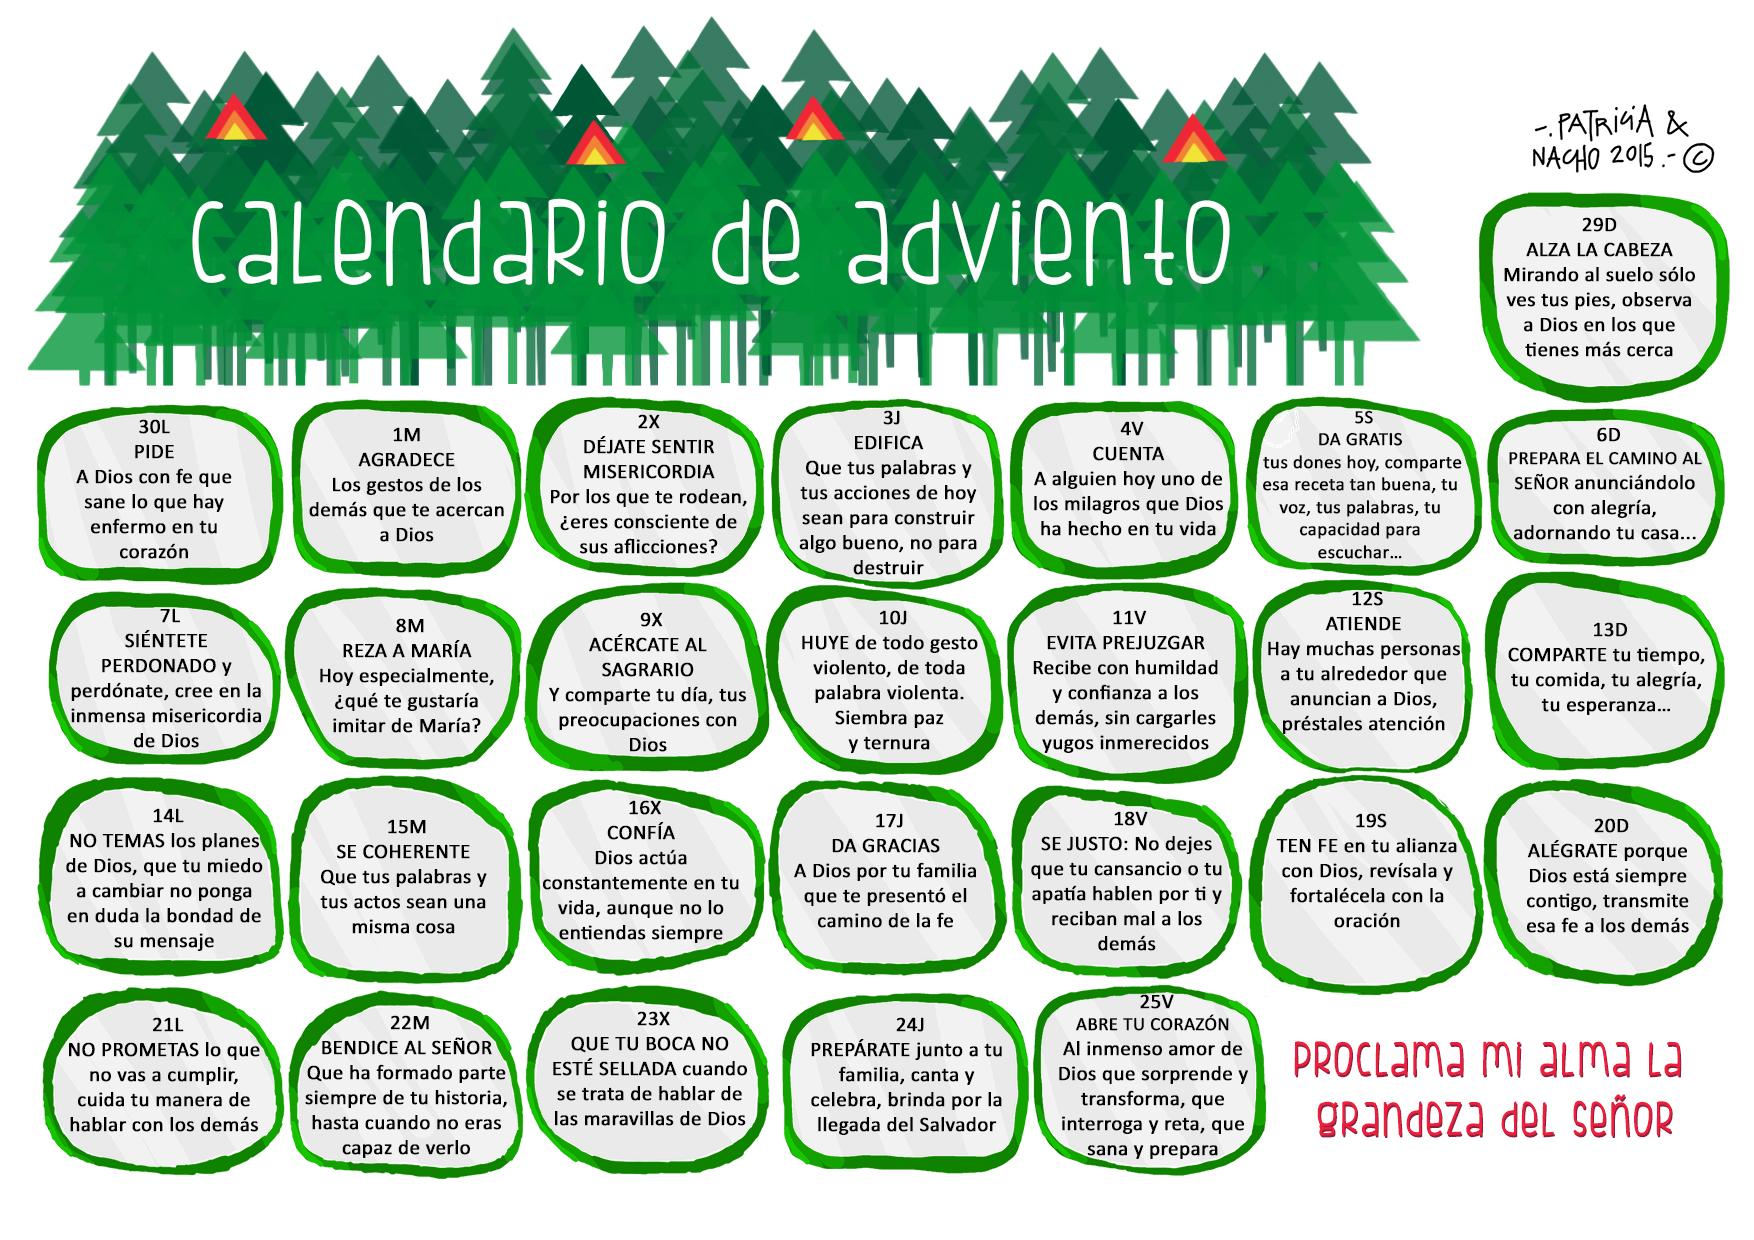 Parroquia la inmaculada cinco calendarios de adviento 2015 for Calendario adviento ninos